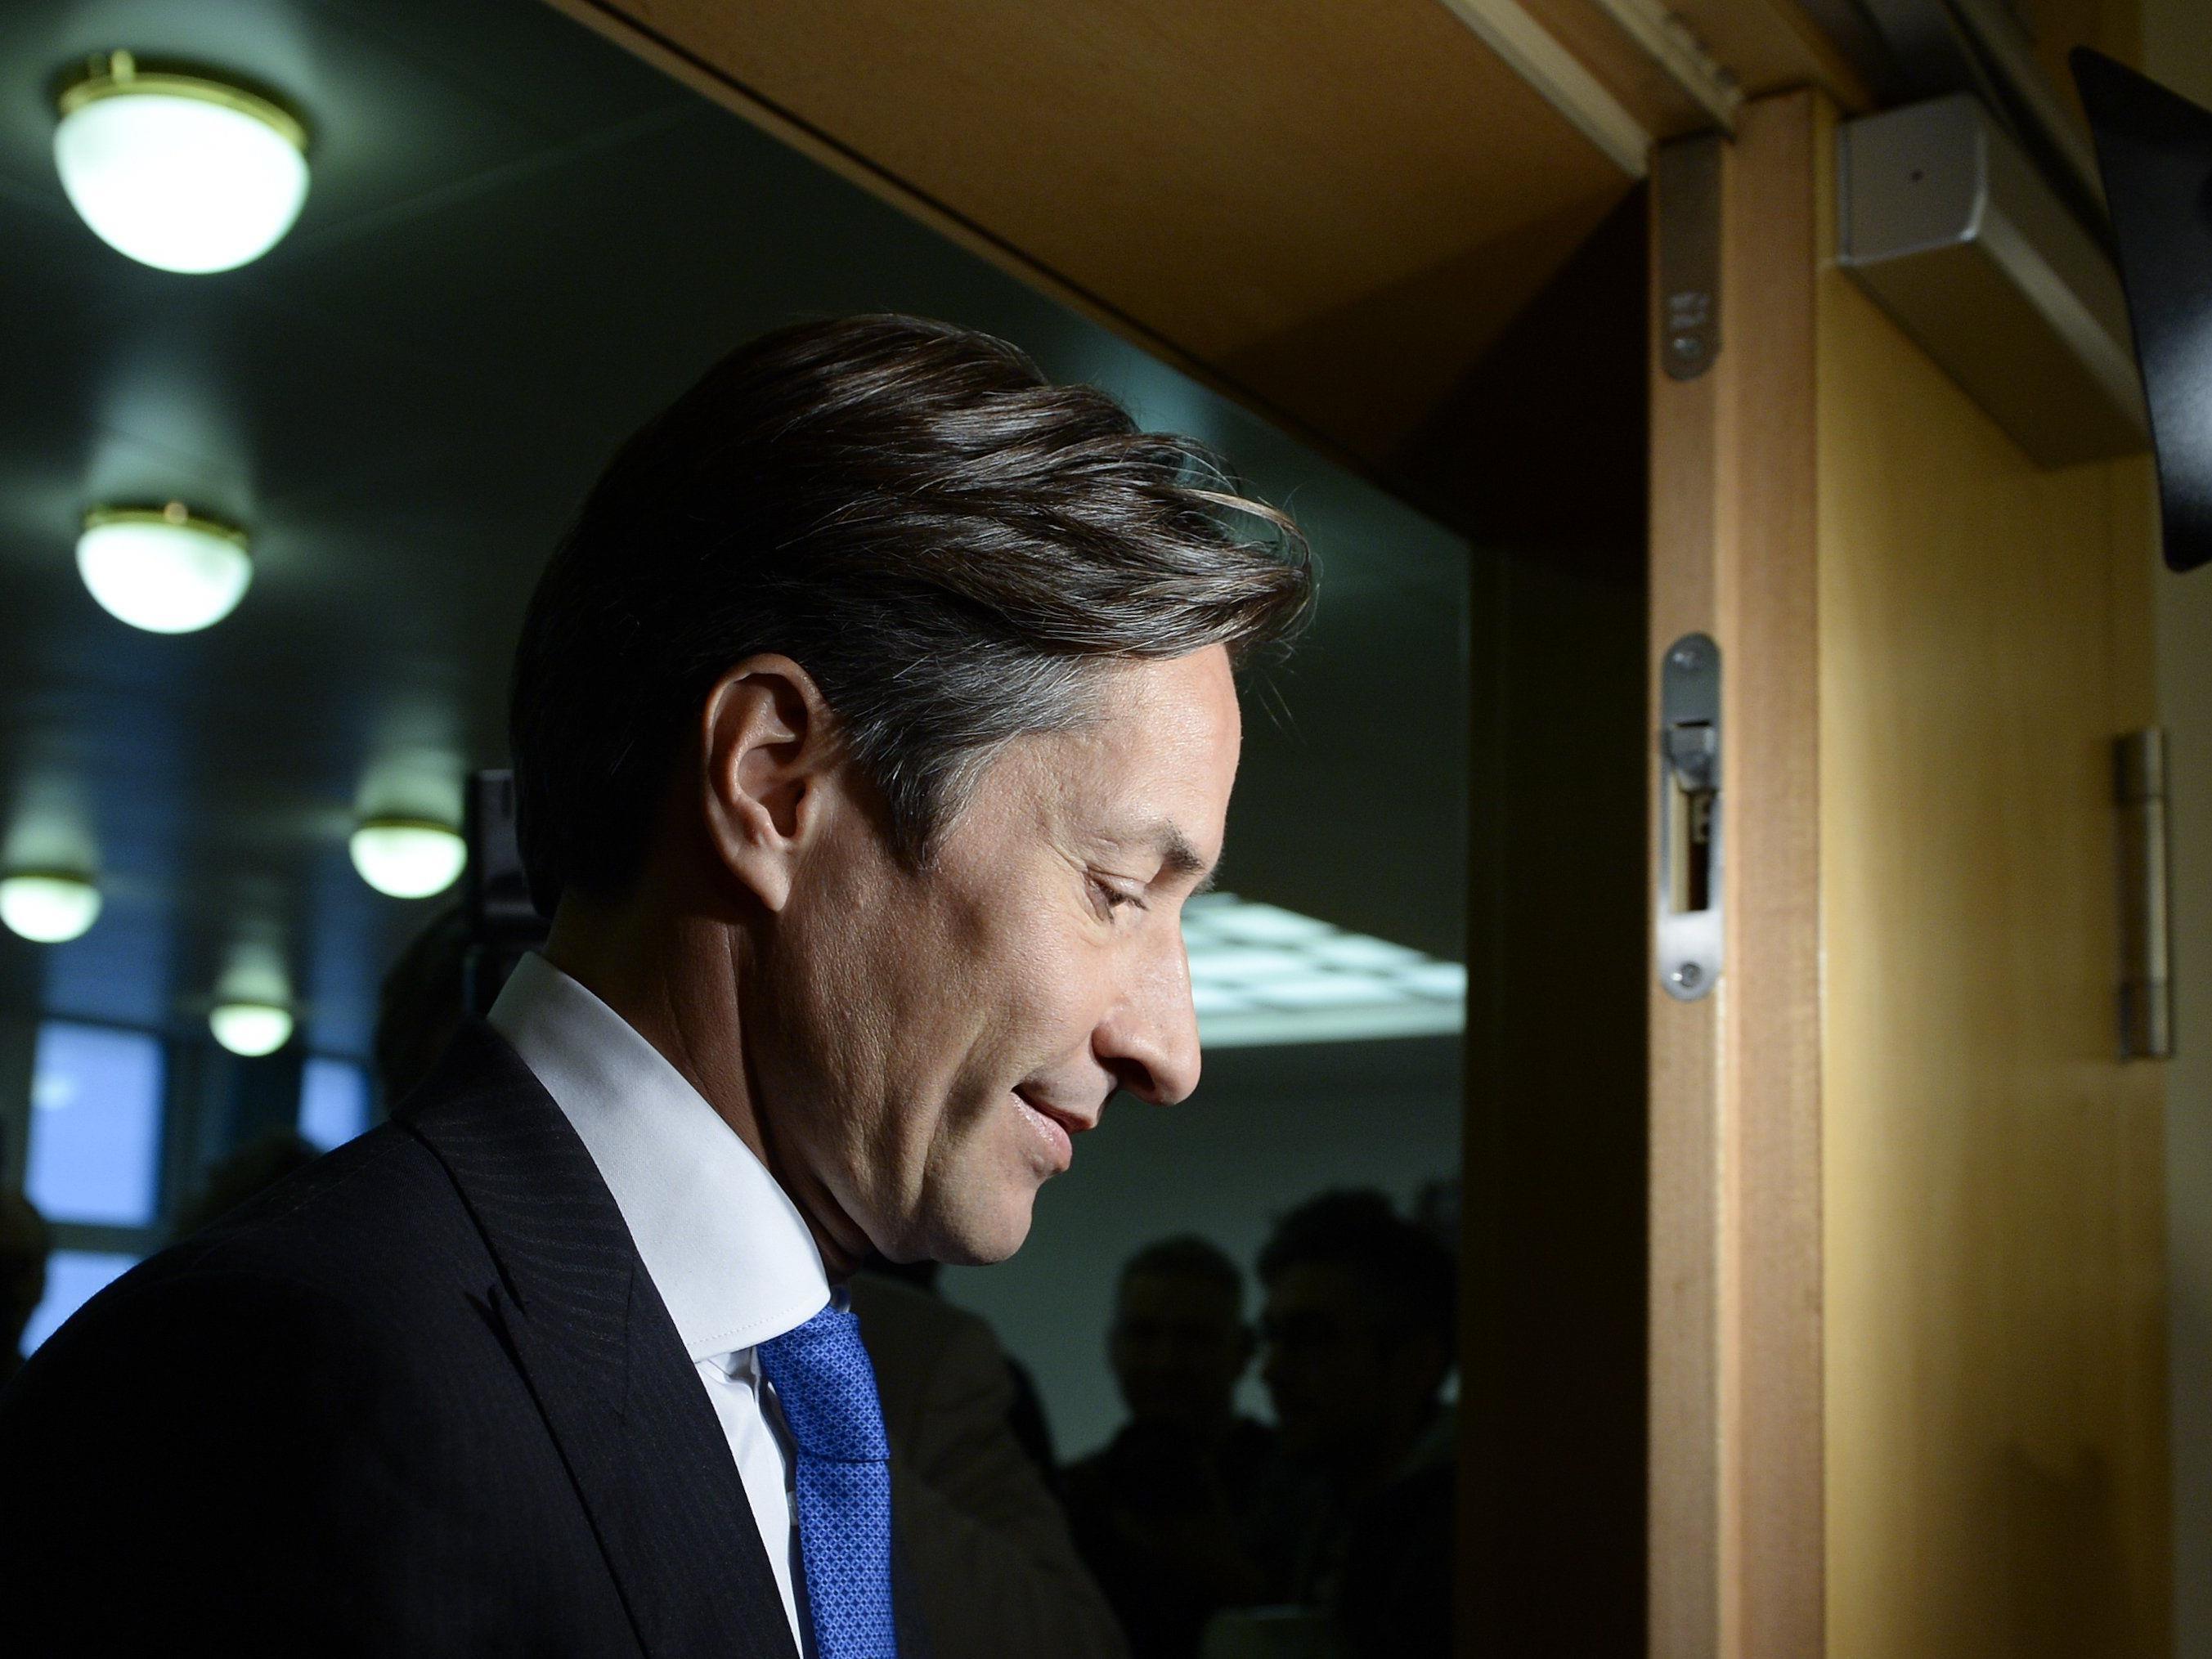 Er hätte die Angelegenheit als Finanzminister auch anders regeln können, so Grasser im Zeugenstand.